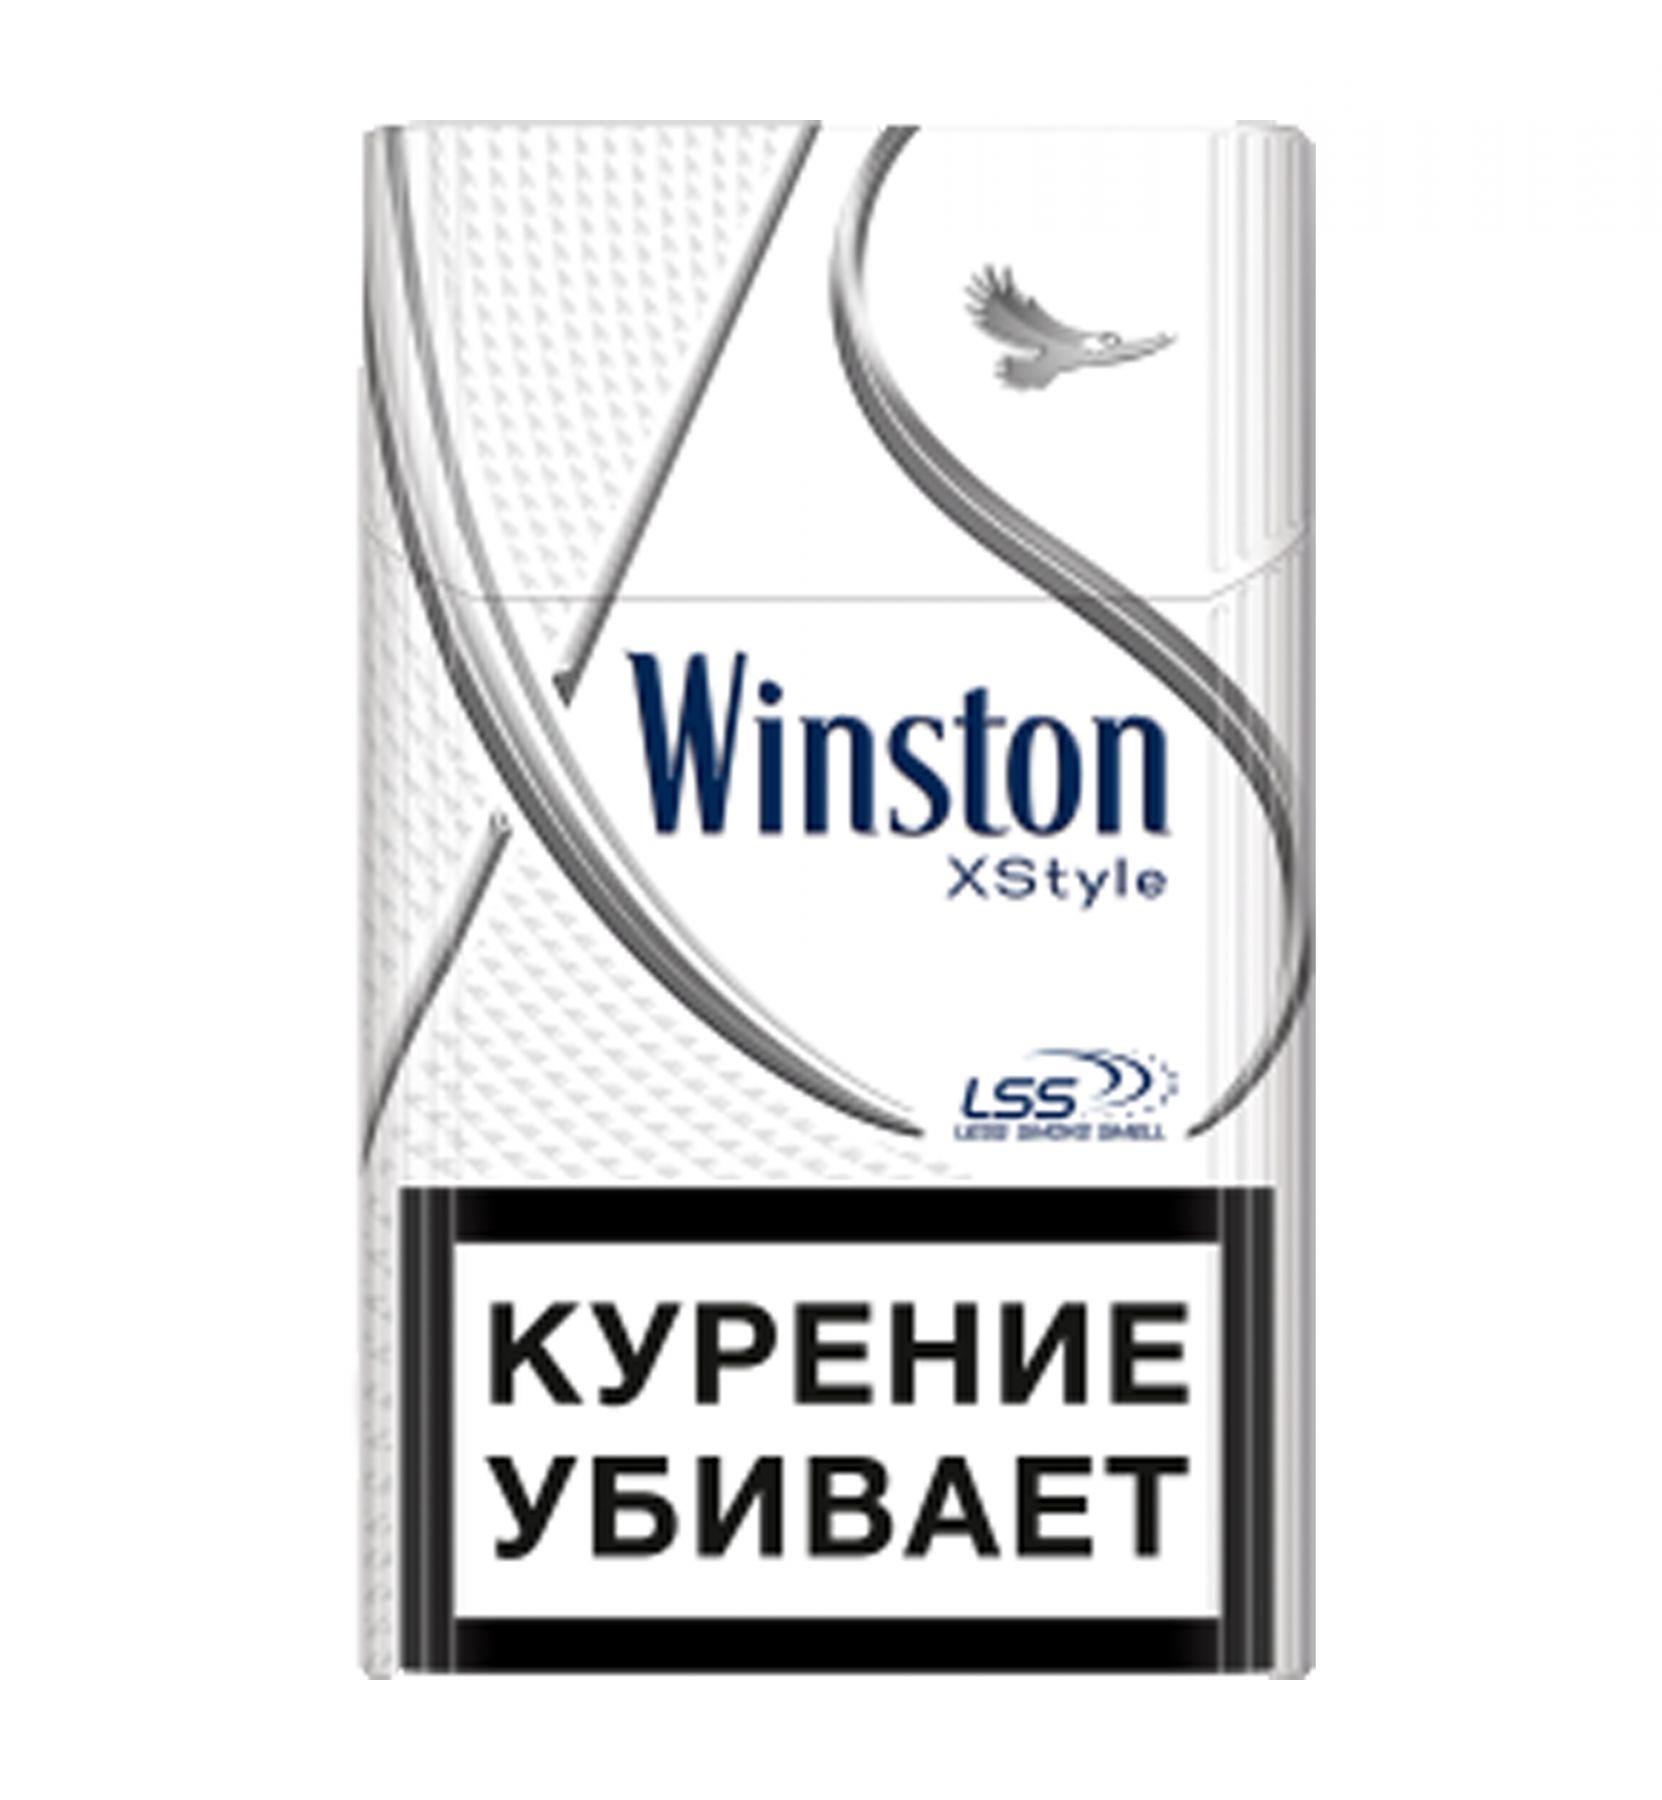 Сигареты winston купить в спб купить солевая жидкость для электронных сигарет